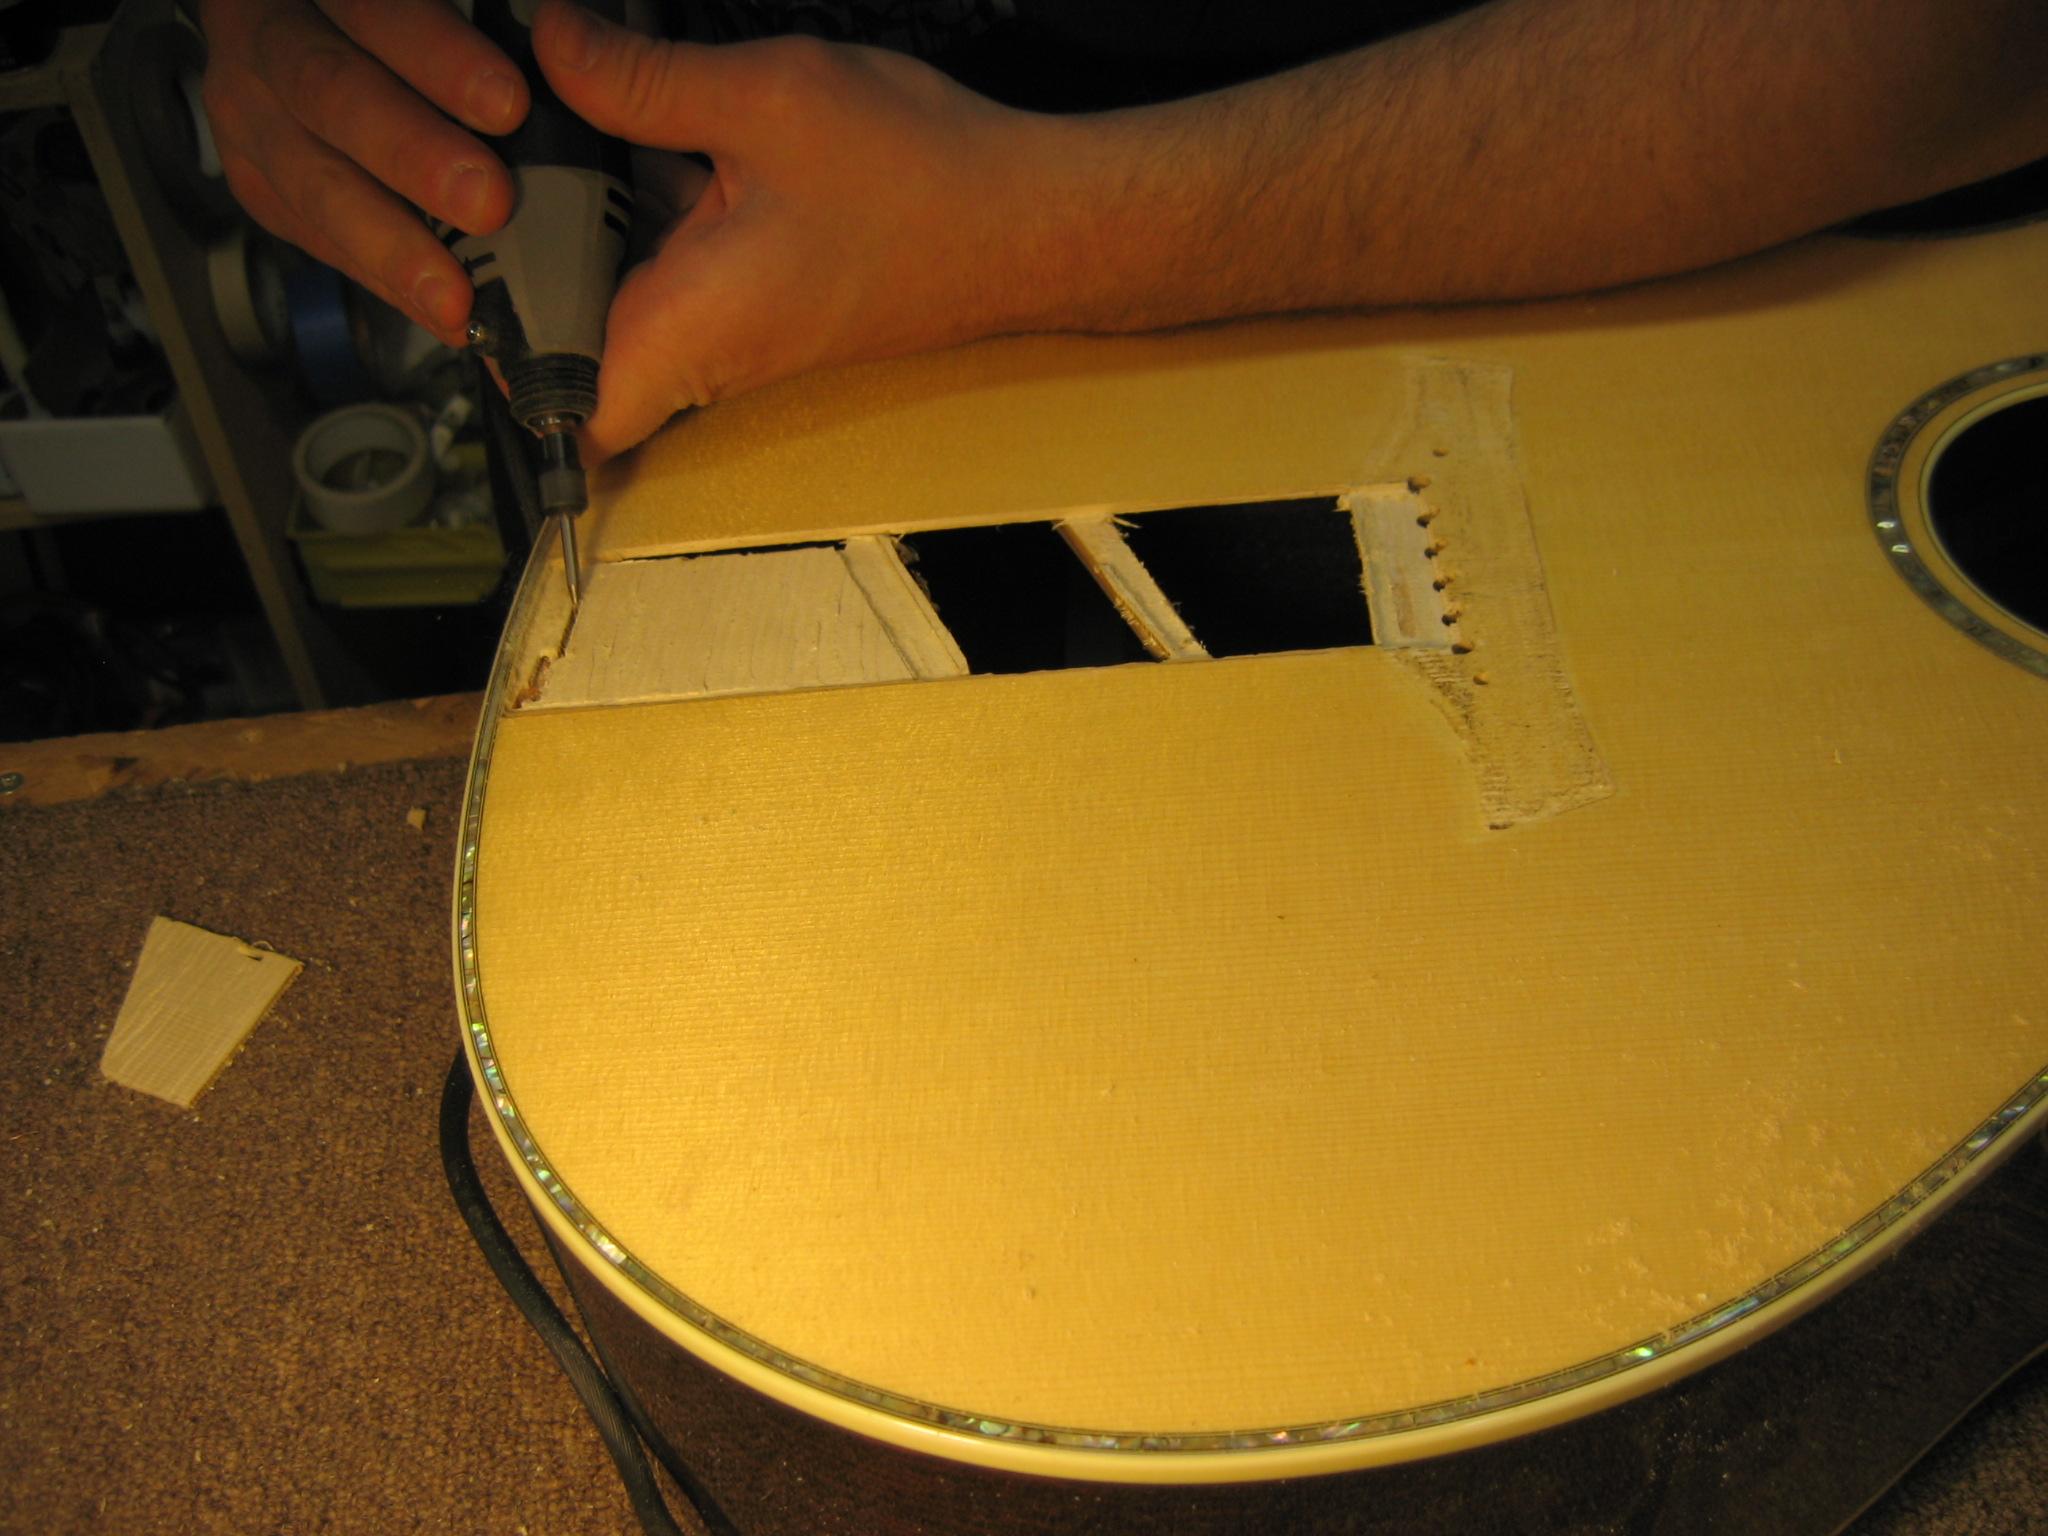 Taylor Acoustic Guitar Top Repair Chicago Fret Works Guitar Repair